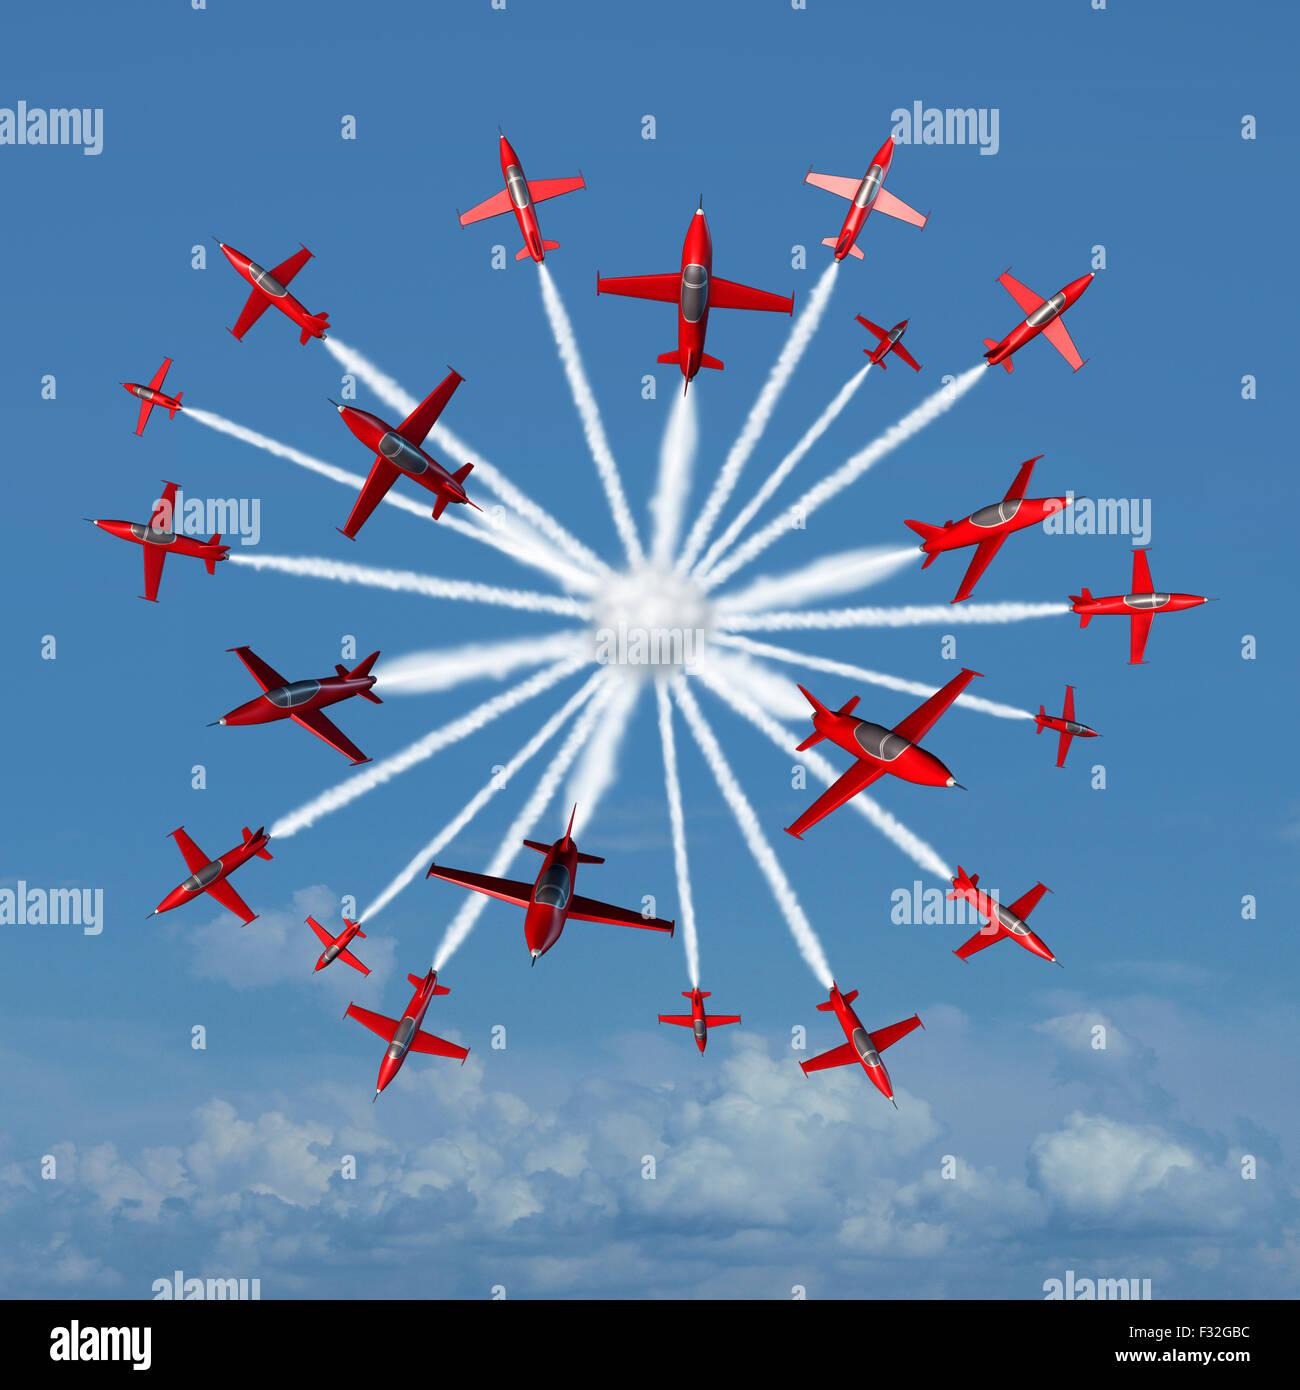 Global marketing-Konzept als eine koordinierte Gruppe von akrobatische Flugzeuge strahlenförmig von einem Mittelpunkt Stockbild